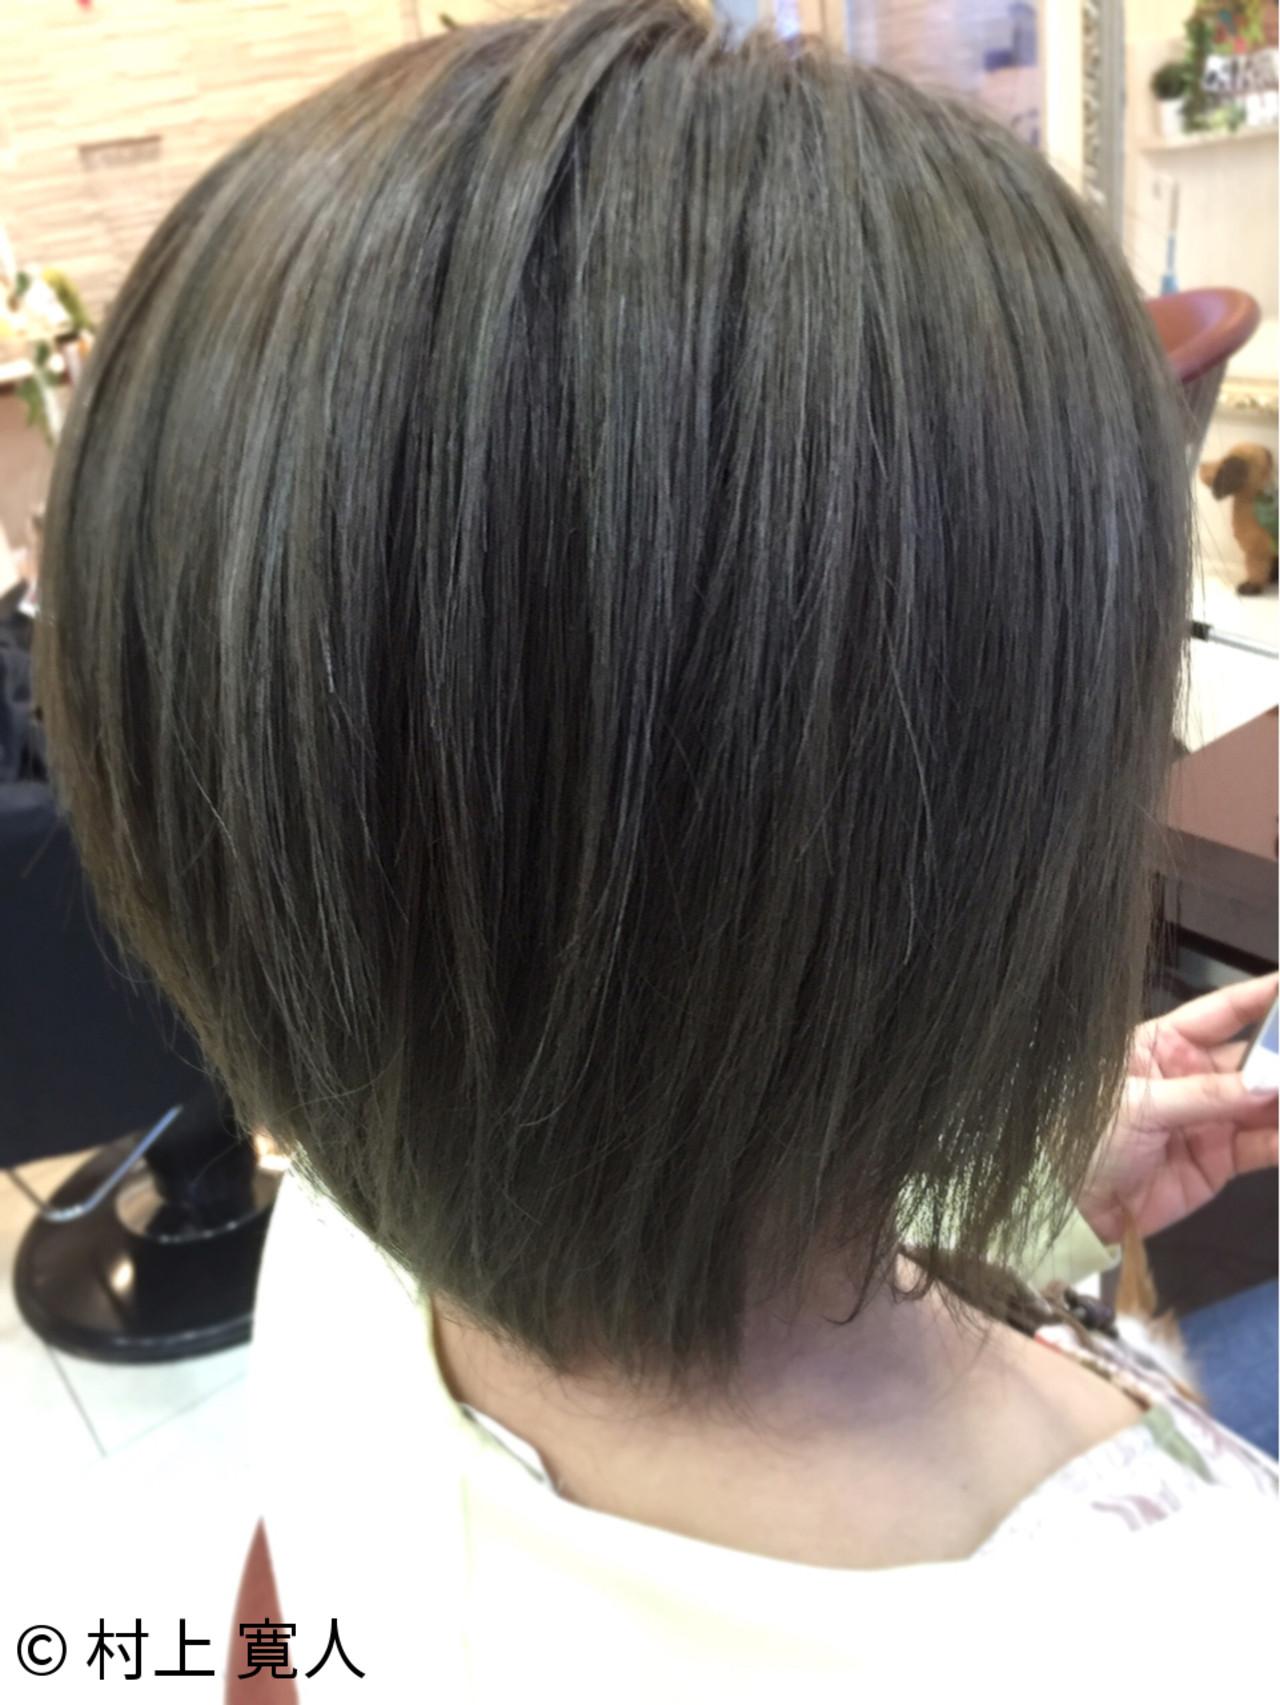 アッシュ 外国人風カラー イルミナカラー ショート ヘアスタイルや髪型の写真・画像 | 村上 寛人 ムラカミ ヒロト / hair therapy Sara (ヘアー セラピー サラ)